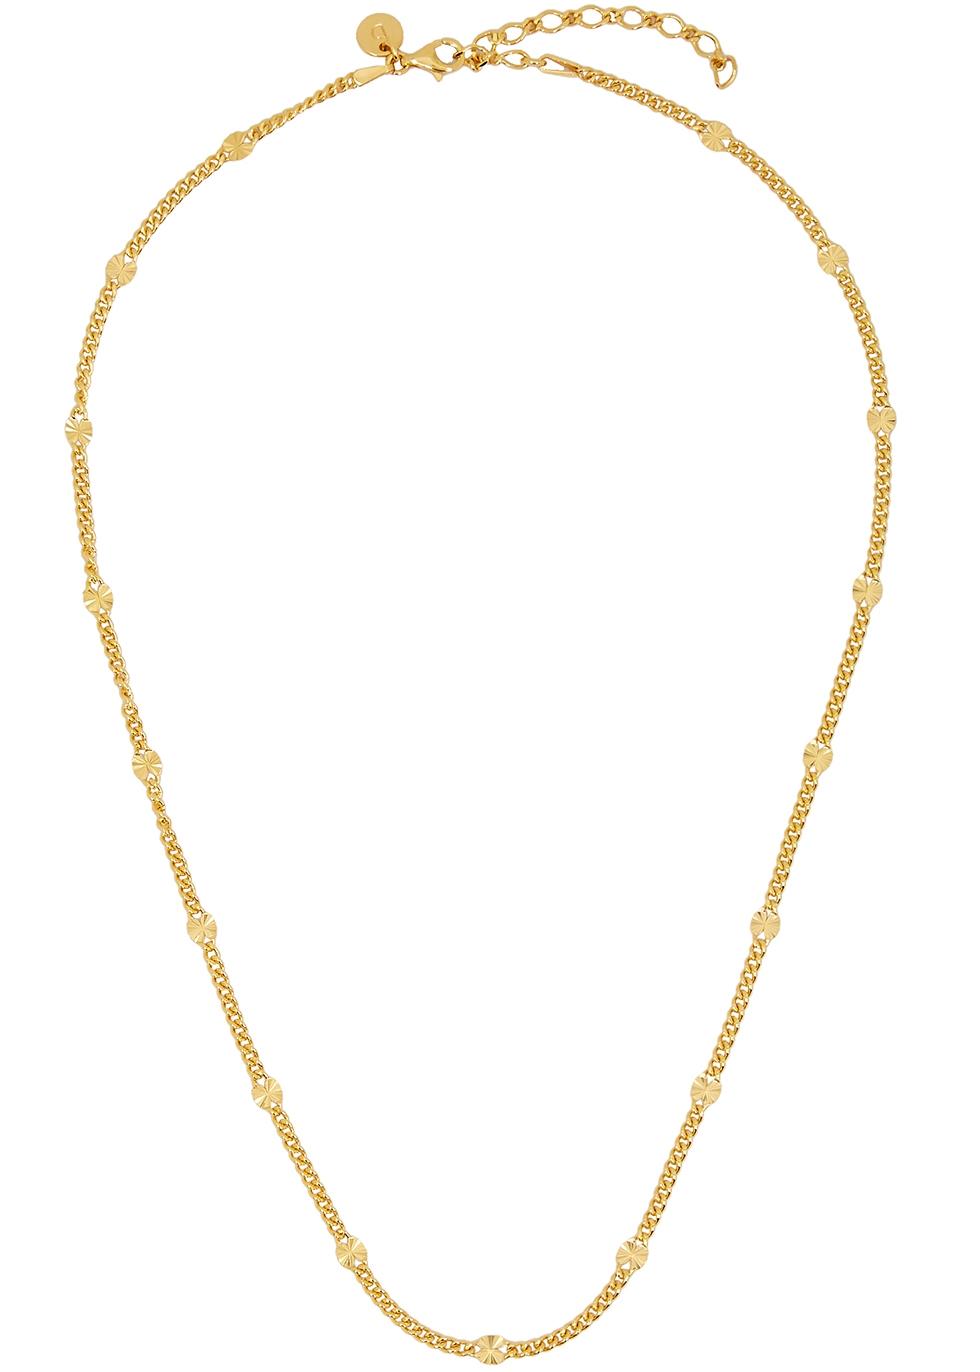 X Estée Lalonde Sunburst 18kt gold-plated chain necklace